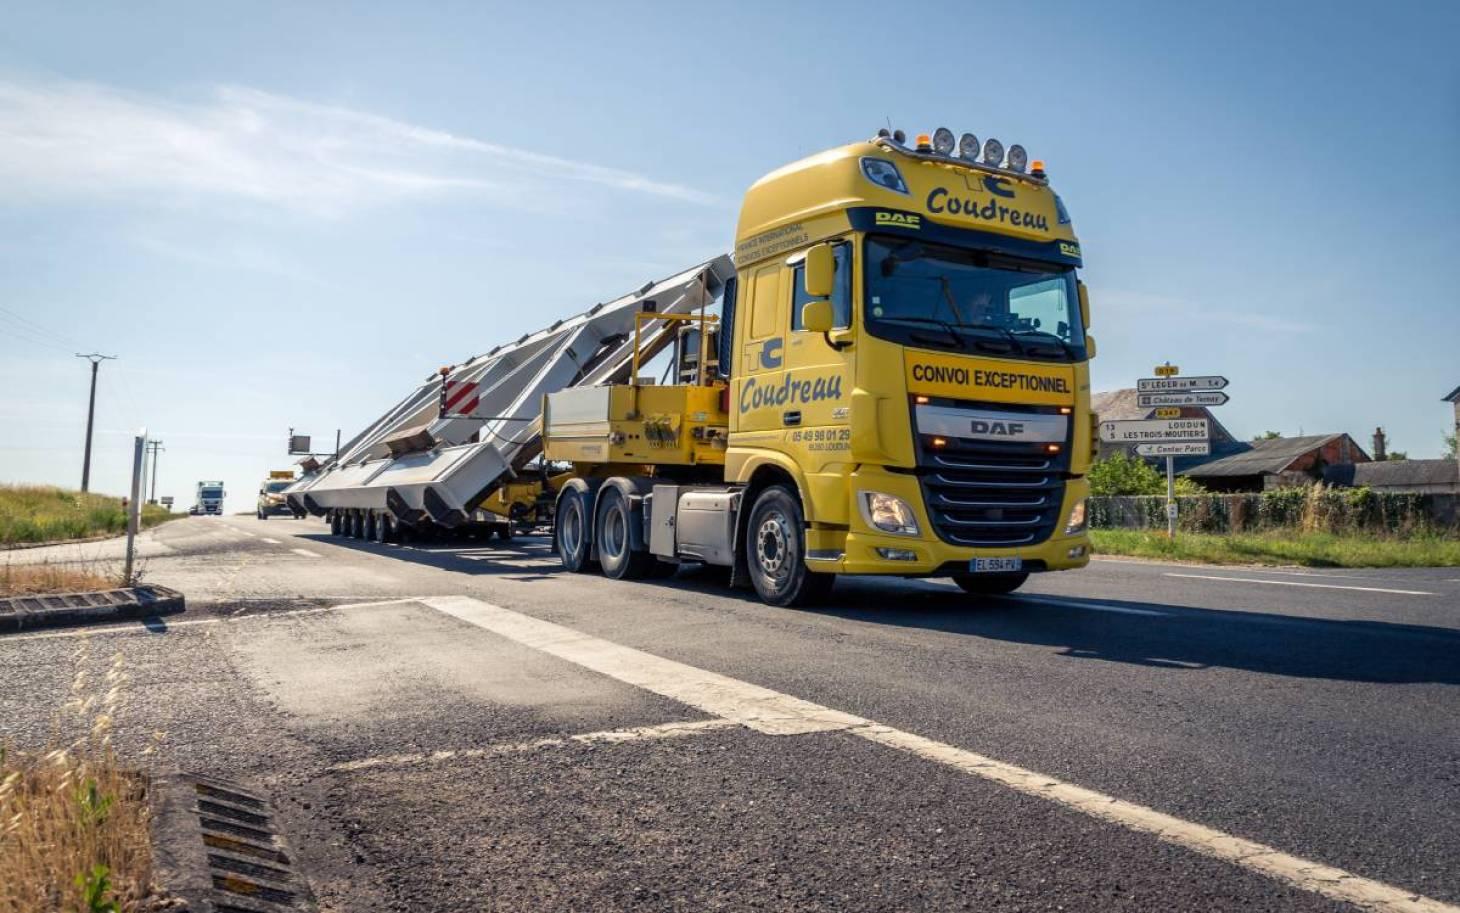 Le transport routier en constante adaptation